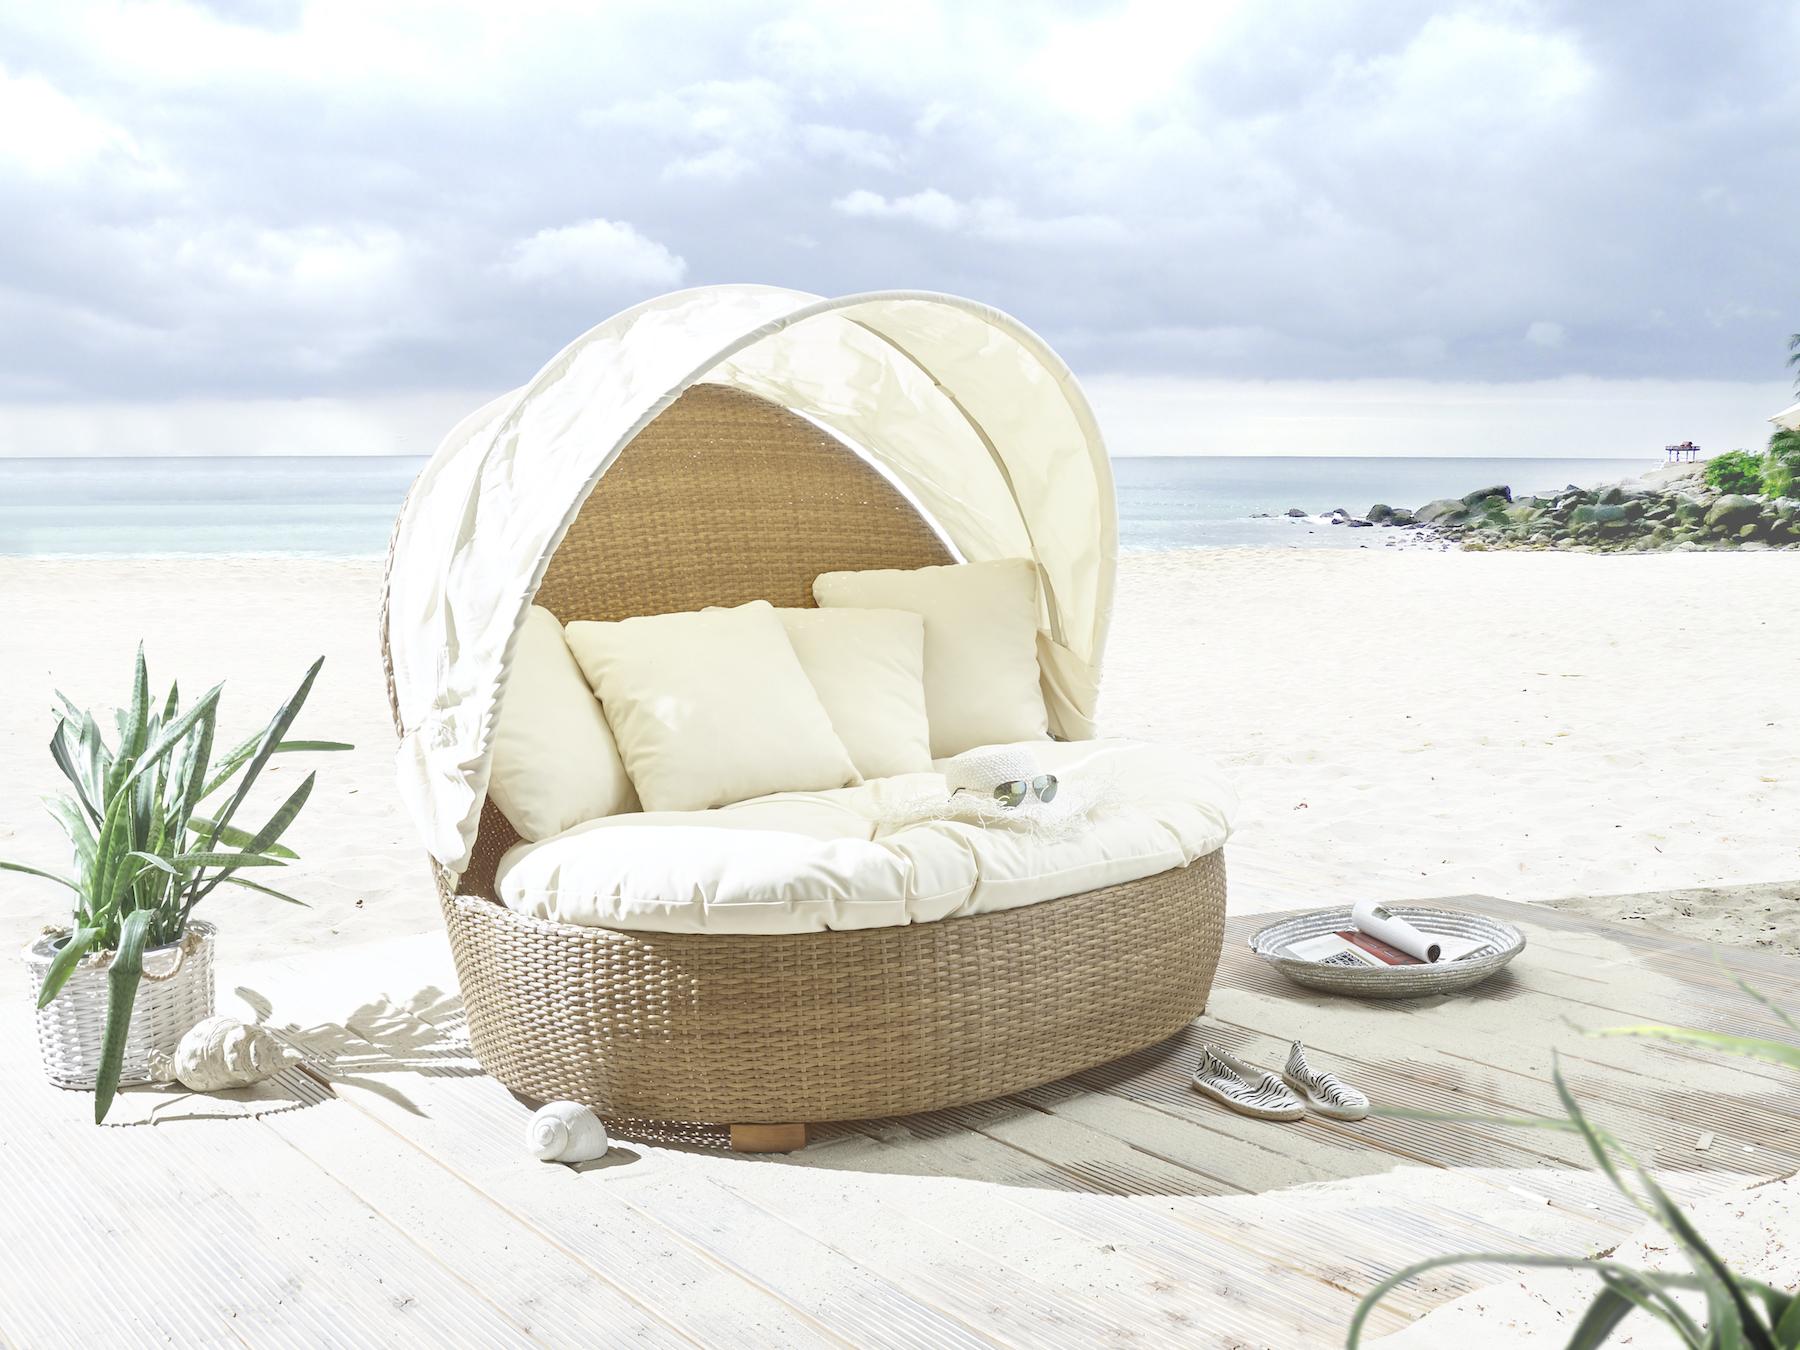 massivholz archives presseportal inar. Black Bedroom Furniture Sets. Home Design Ideas